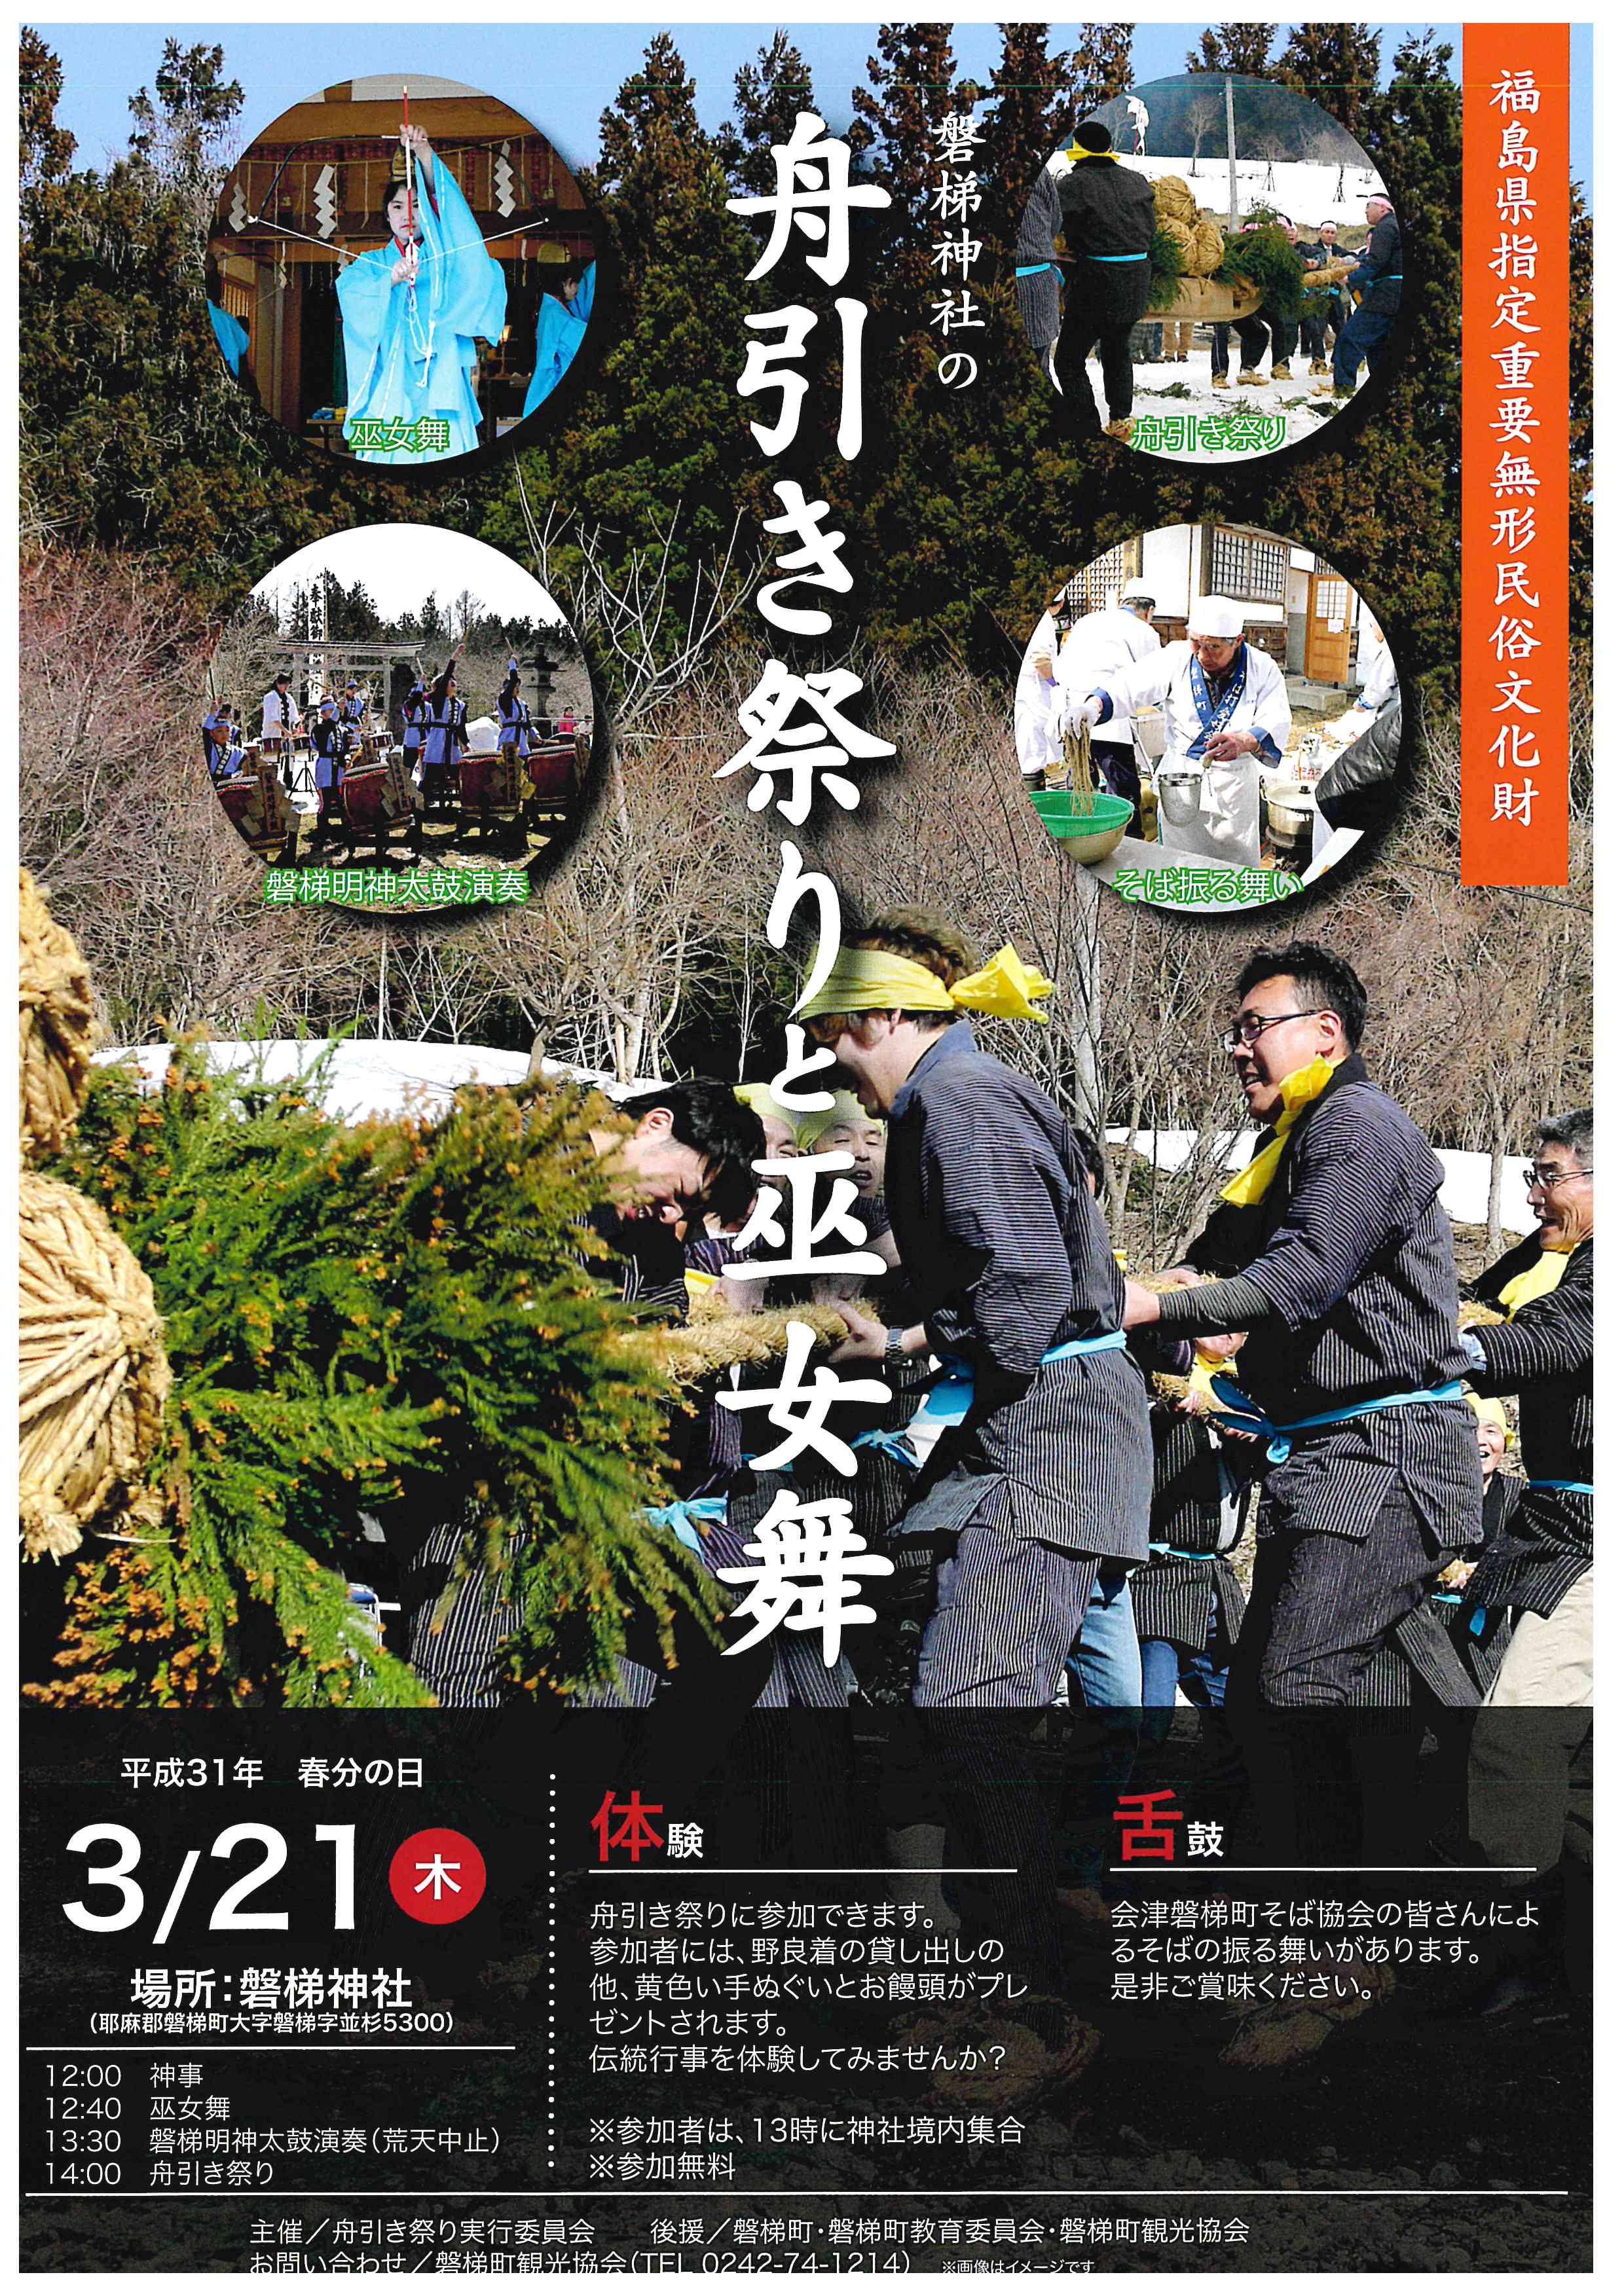 舟引き祭り(磐梯町)表